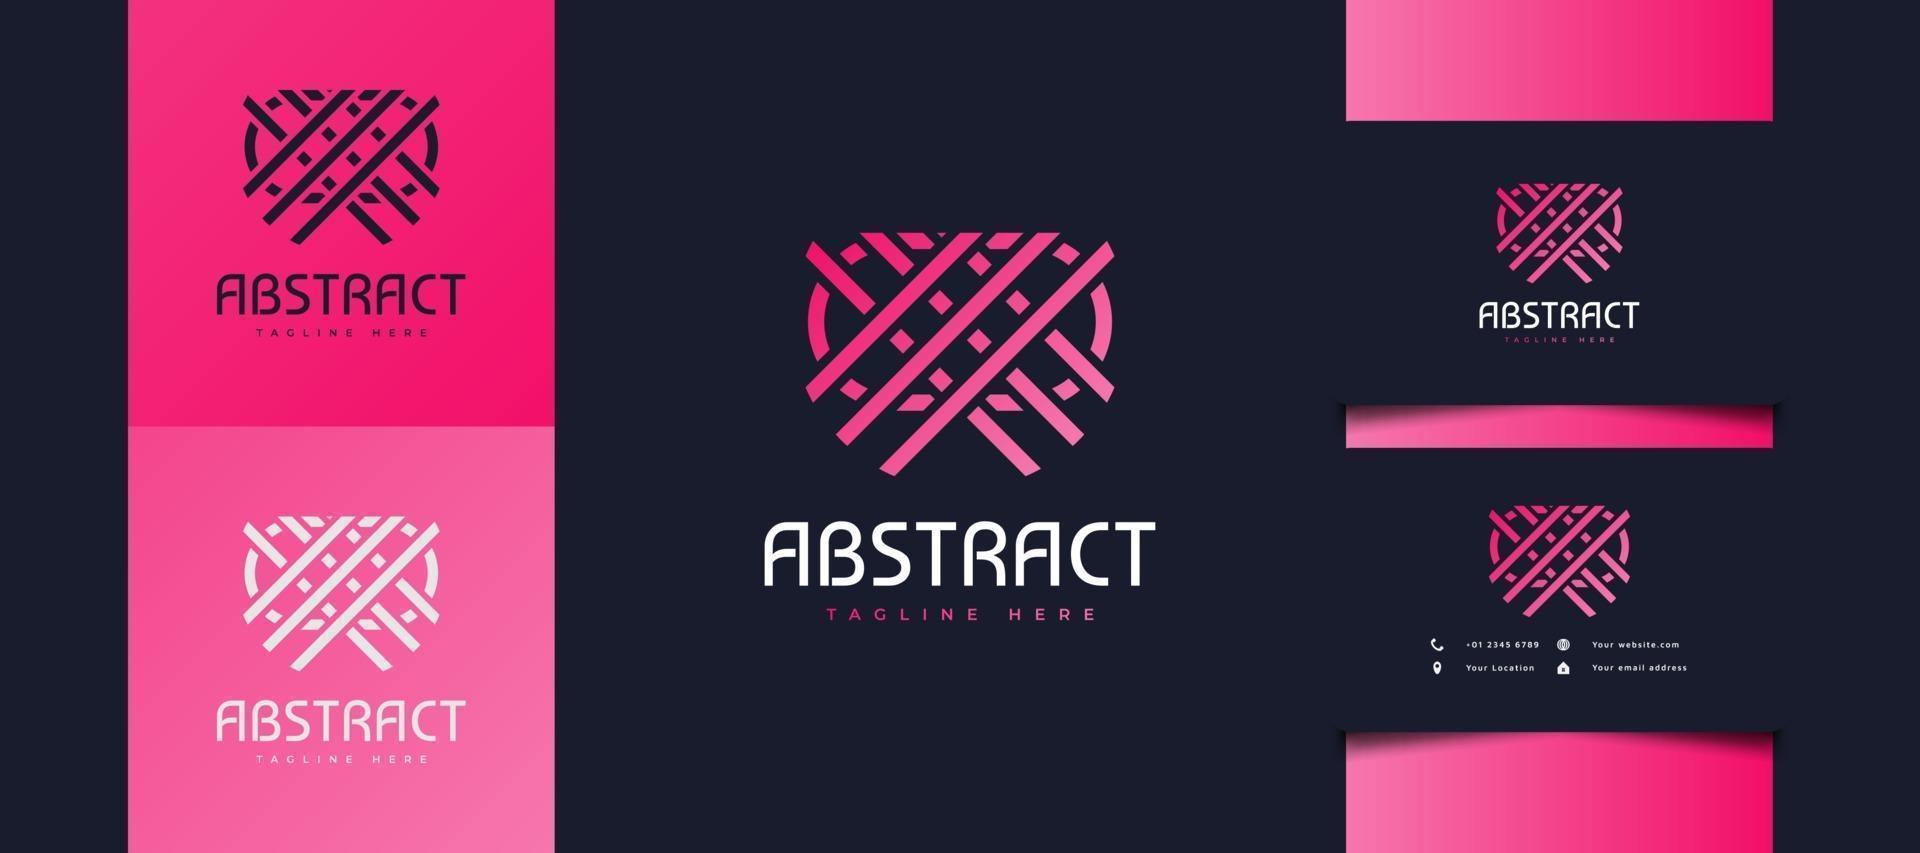 abstract lijnlogo dat elkaar in roze gradiënt kruist, bruikbaar voor zakelijke of technologische identiteit vector